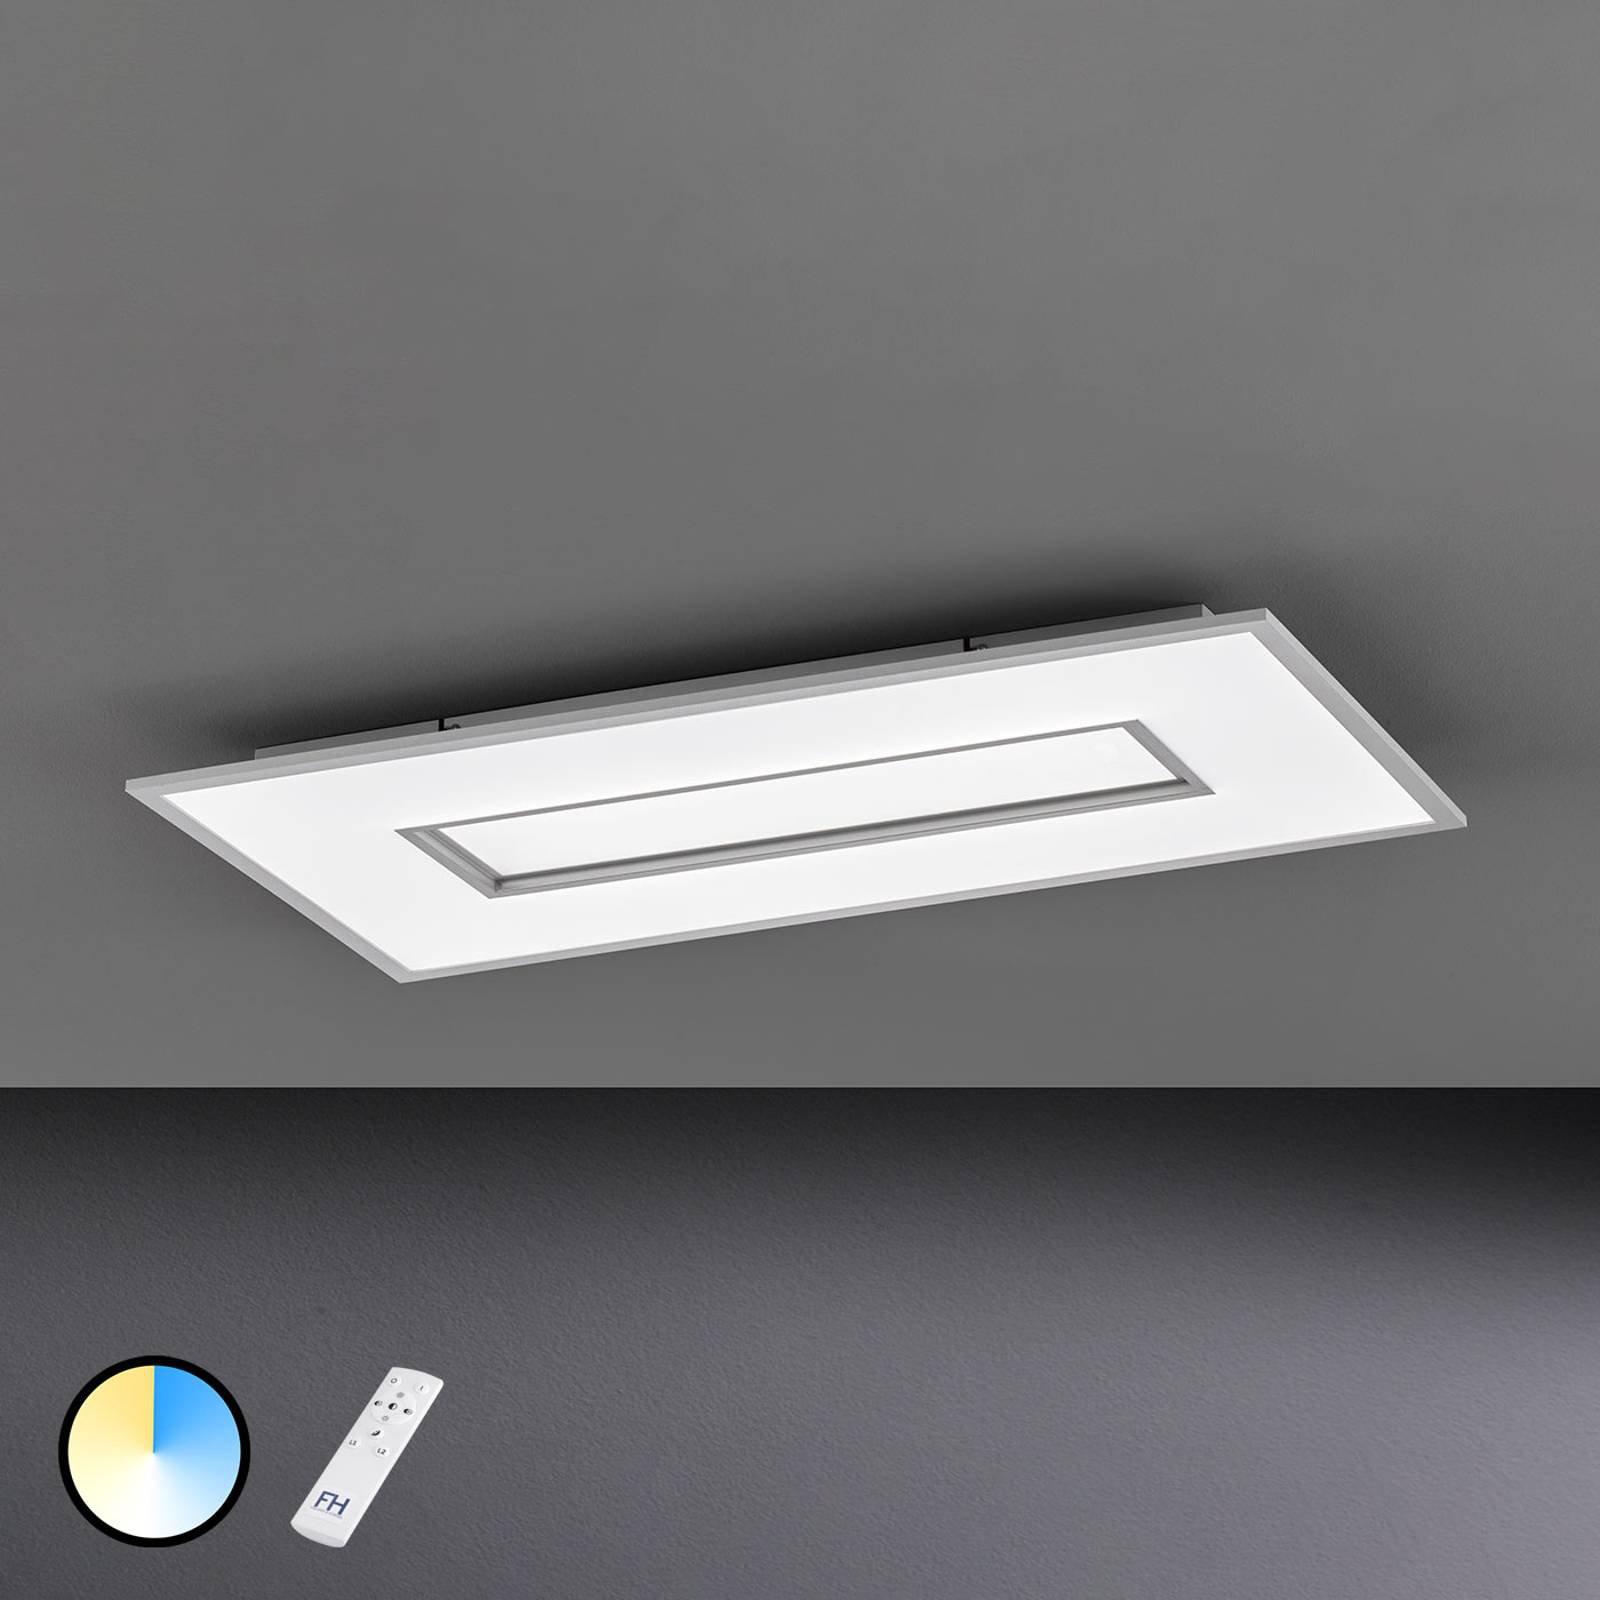 LED-taklampe Tiara, rektangel, 80x40 cm